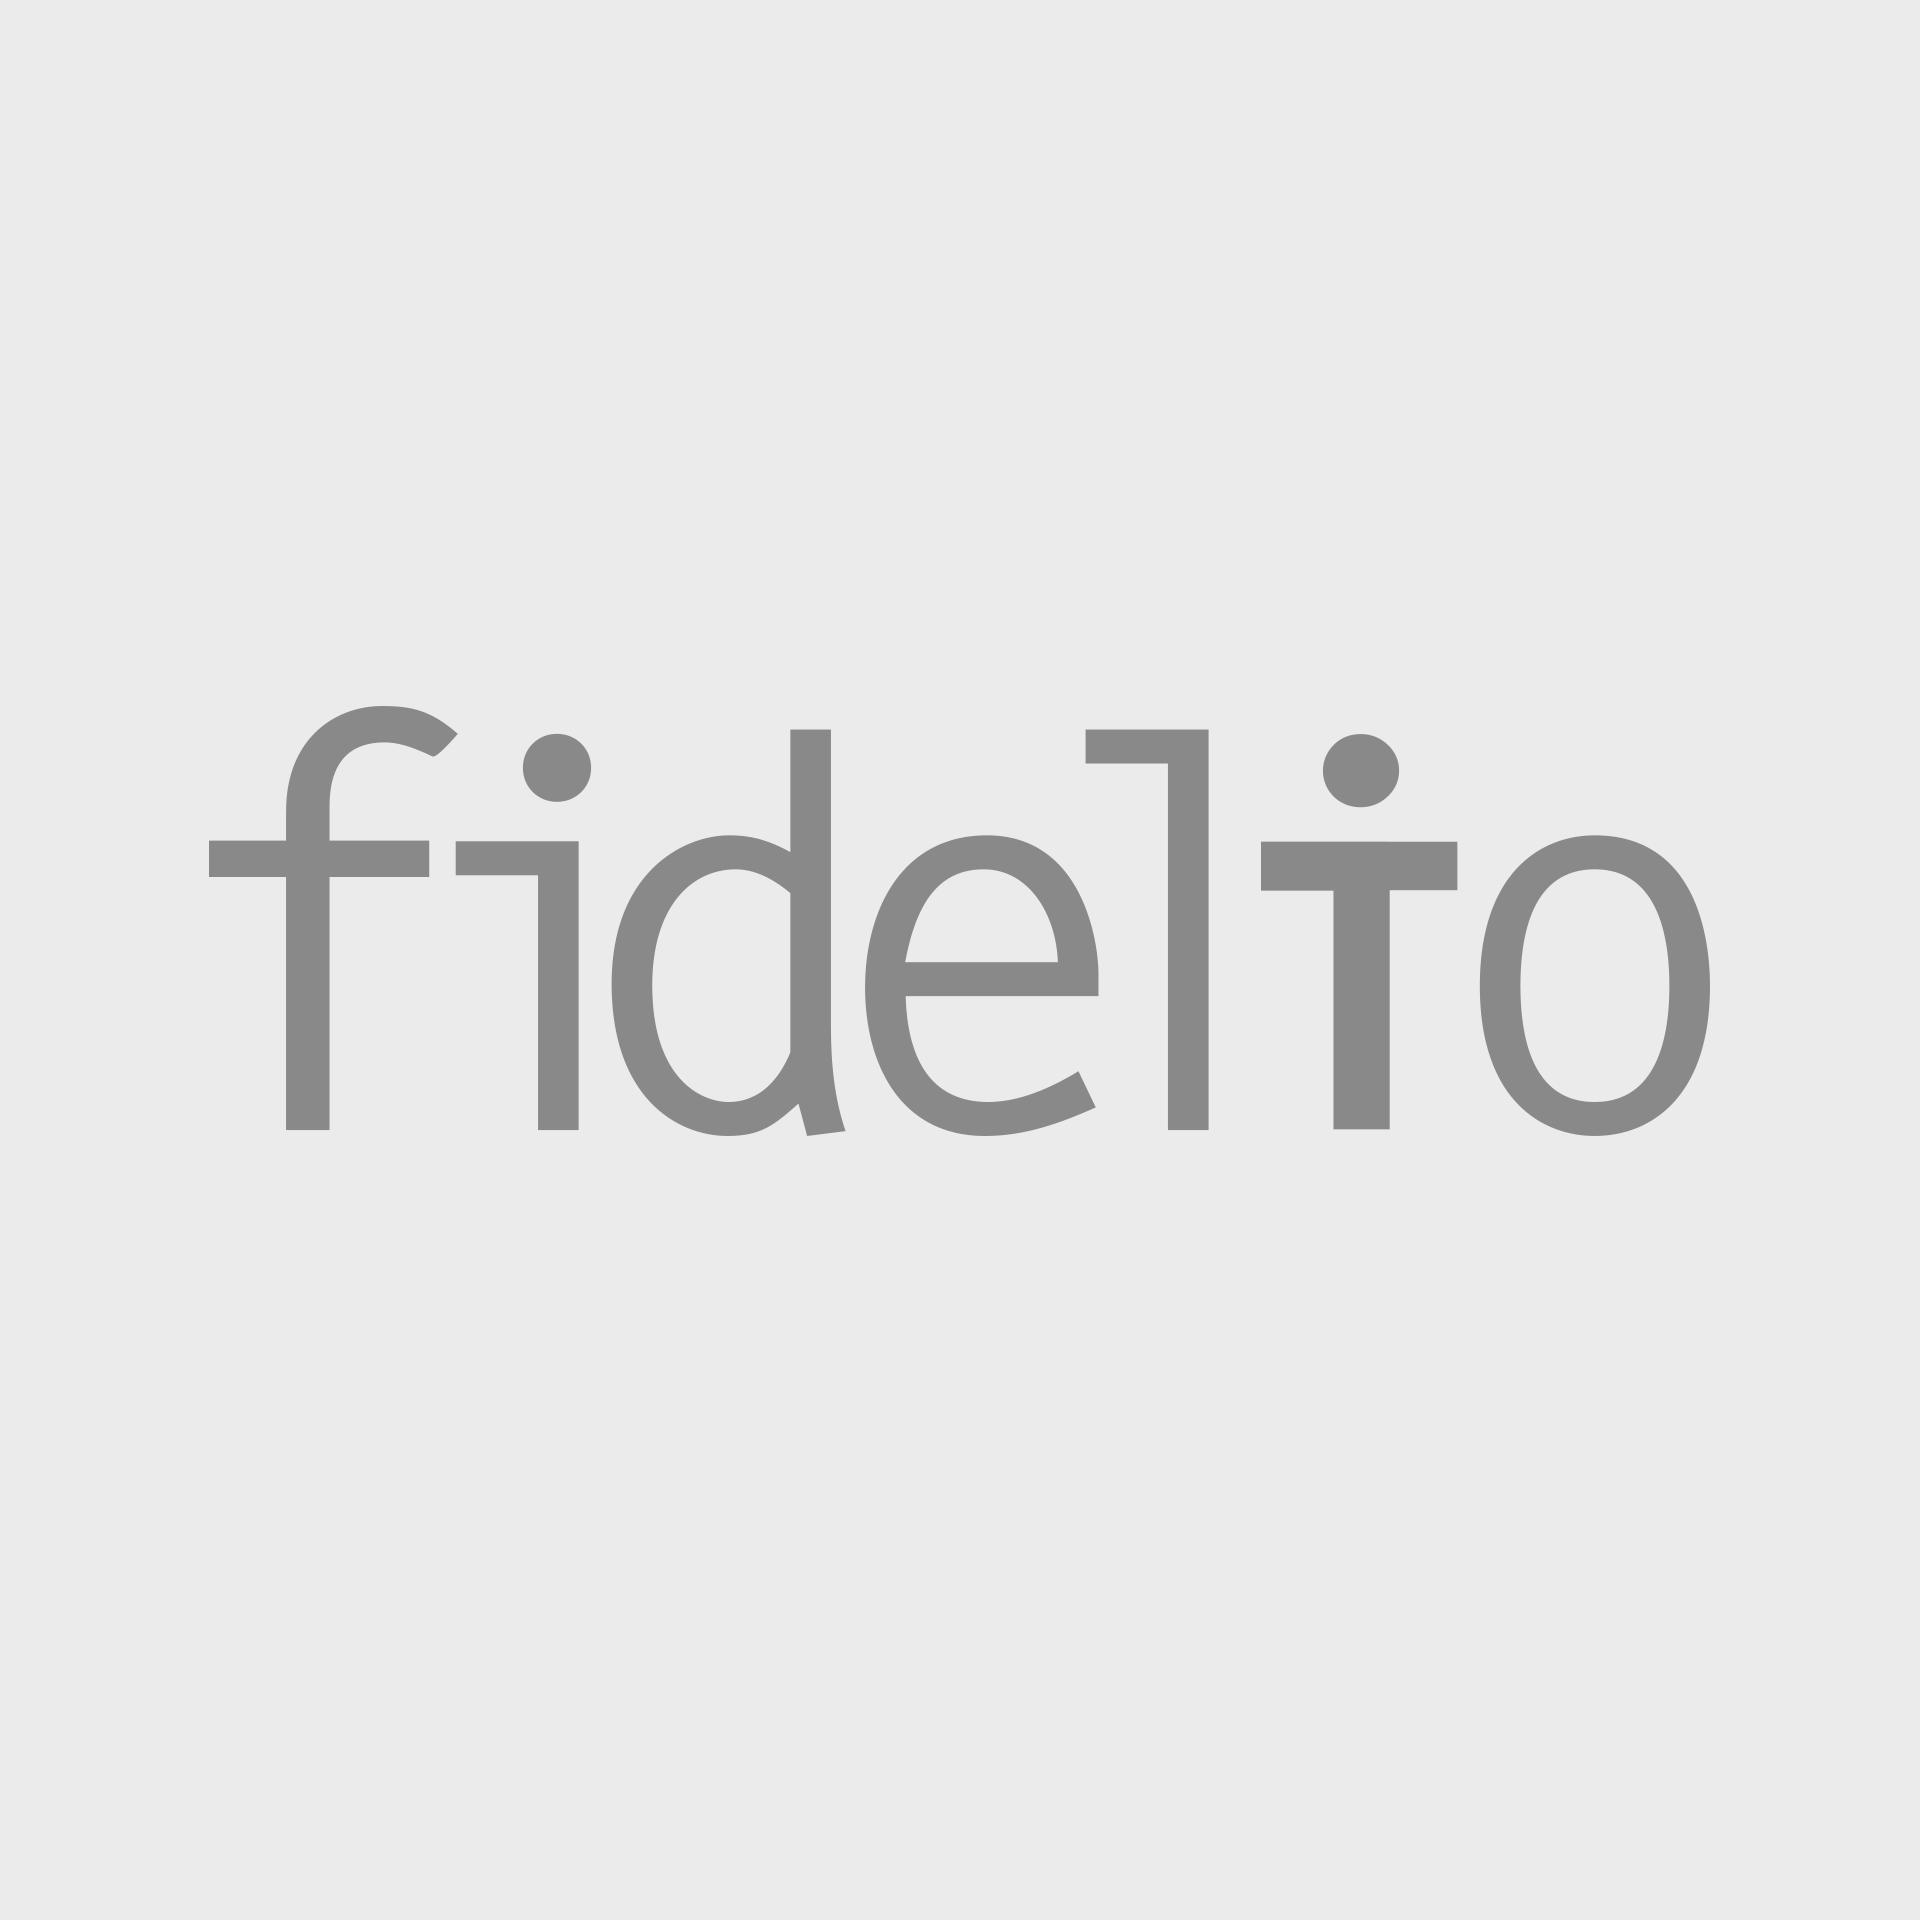 Peter Farago Ingela Klemetz Farago 03